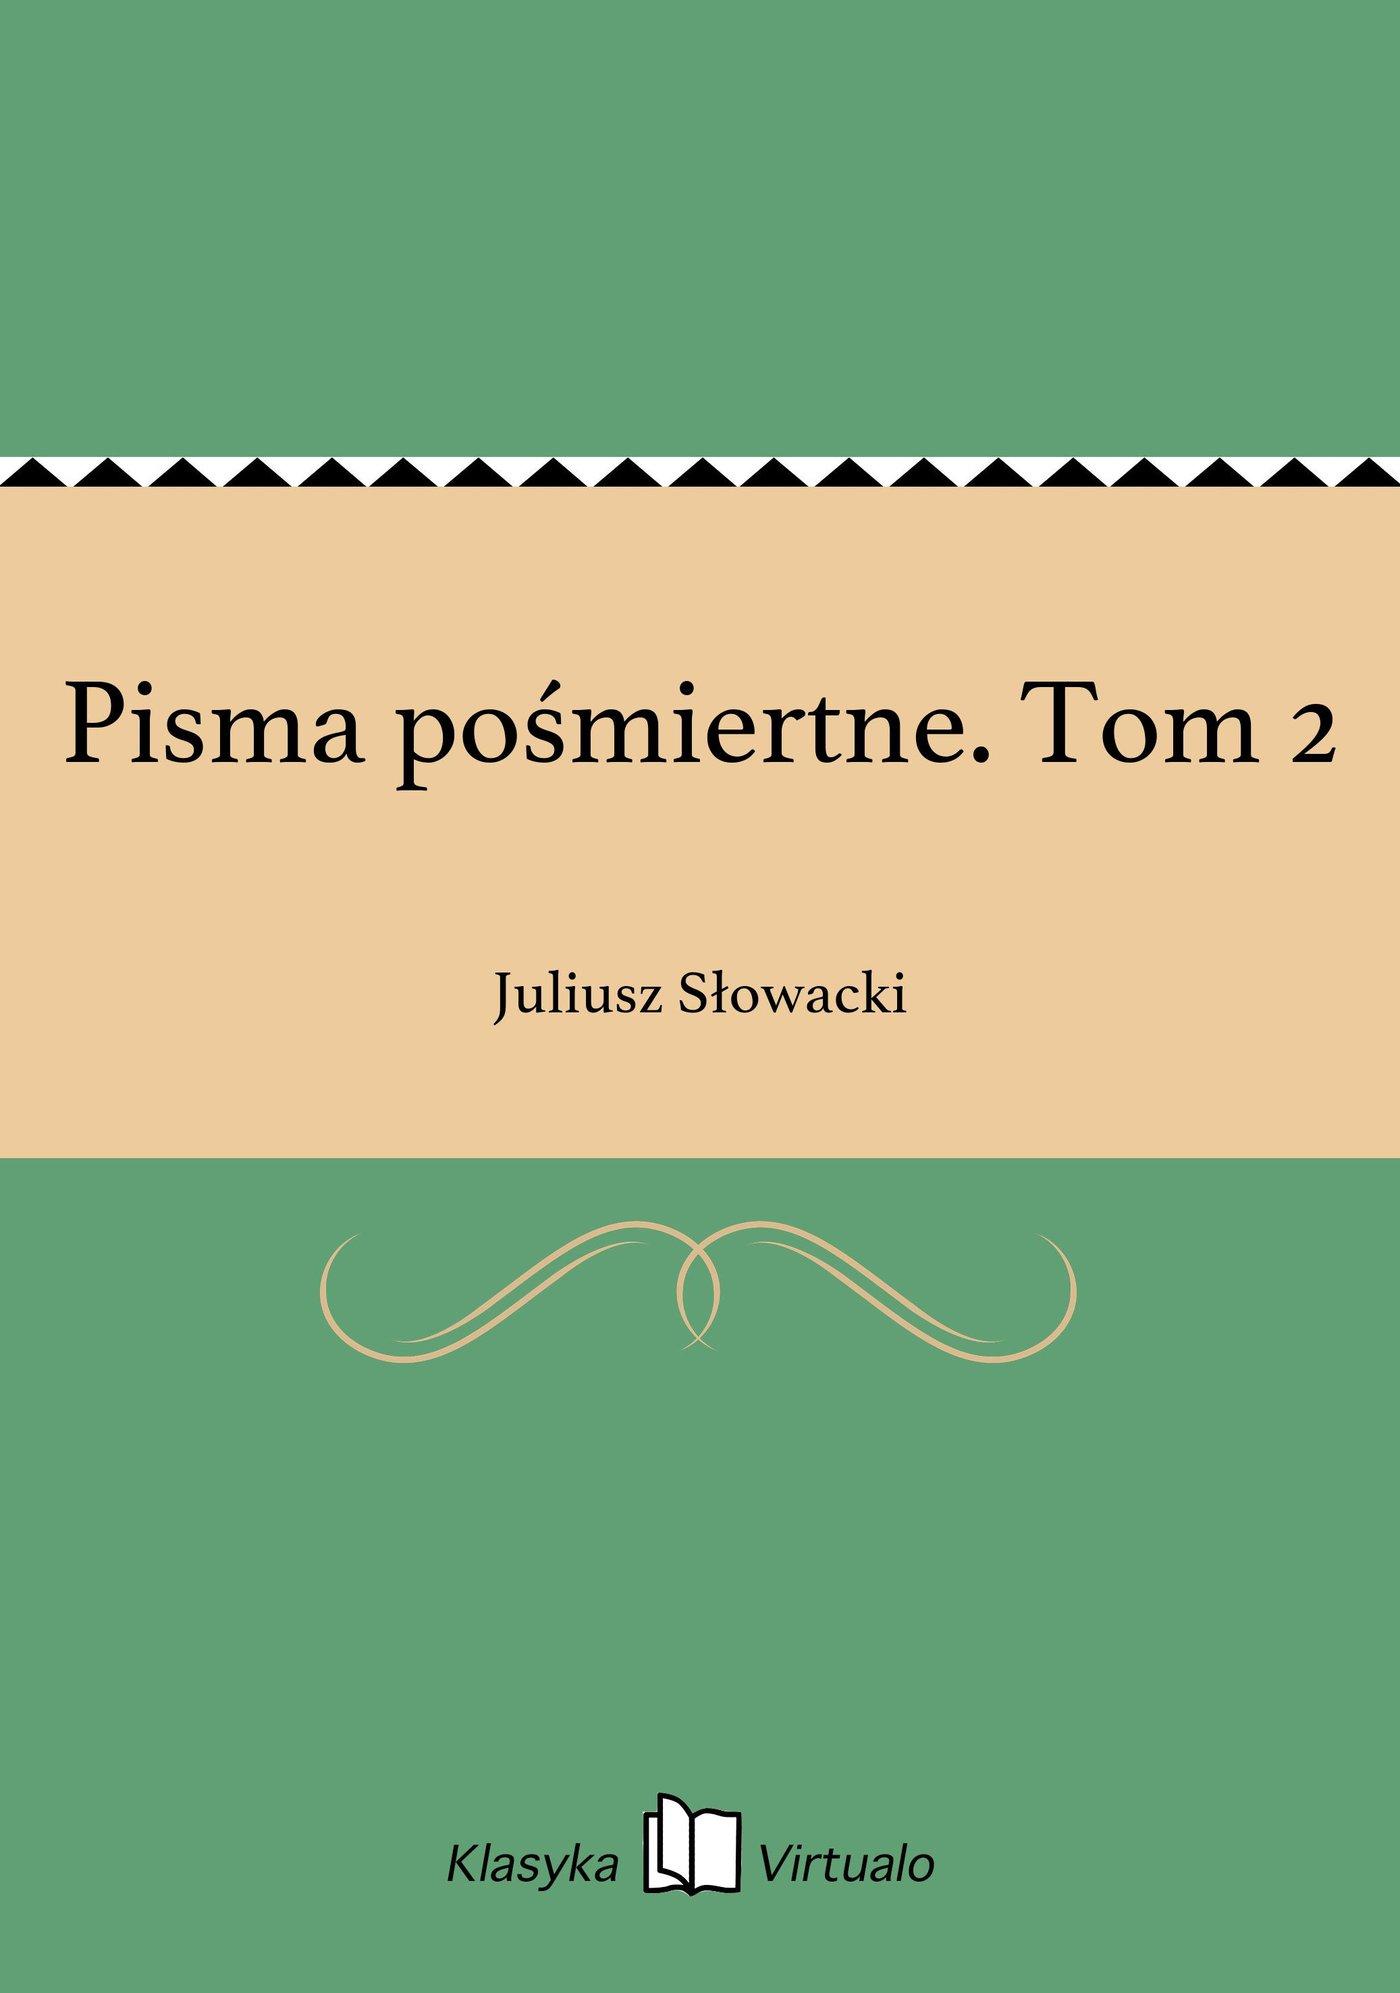 Pisma pośmiertne. Tom 2 - Ebook (Książka na Kindle) do pobrania w formacie MOBI